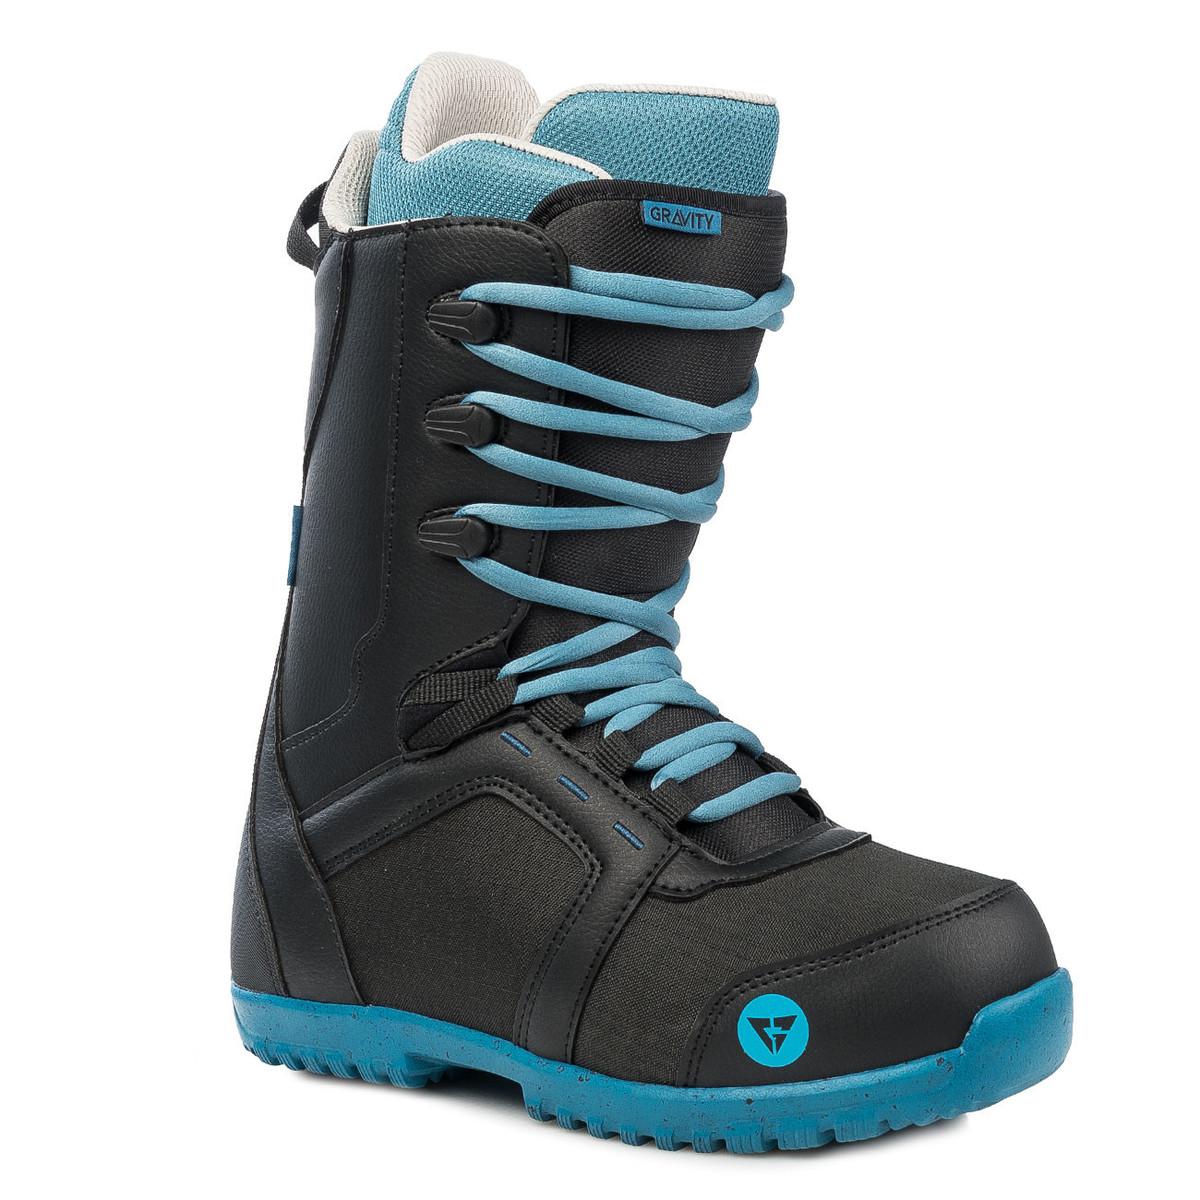 Snowboardové boty Gravity Micro Boys 19/20 5 (38)